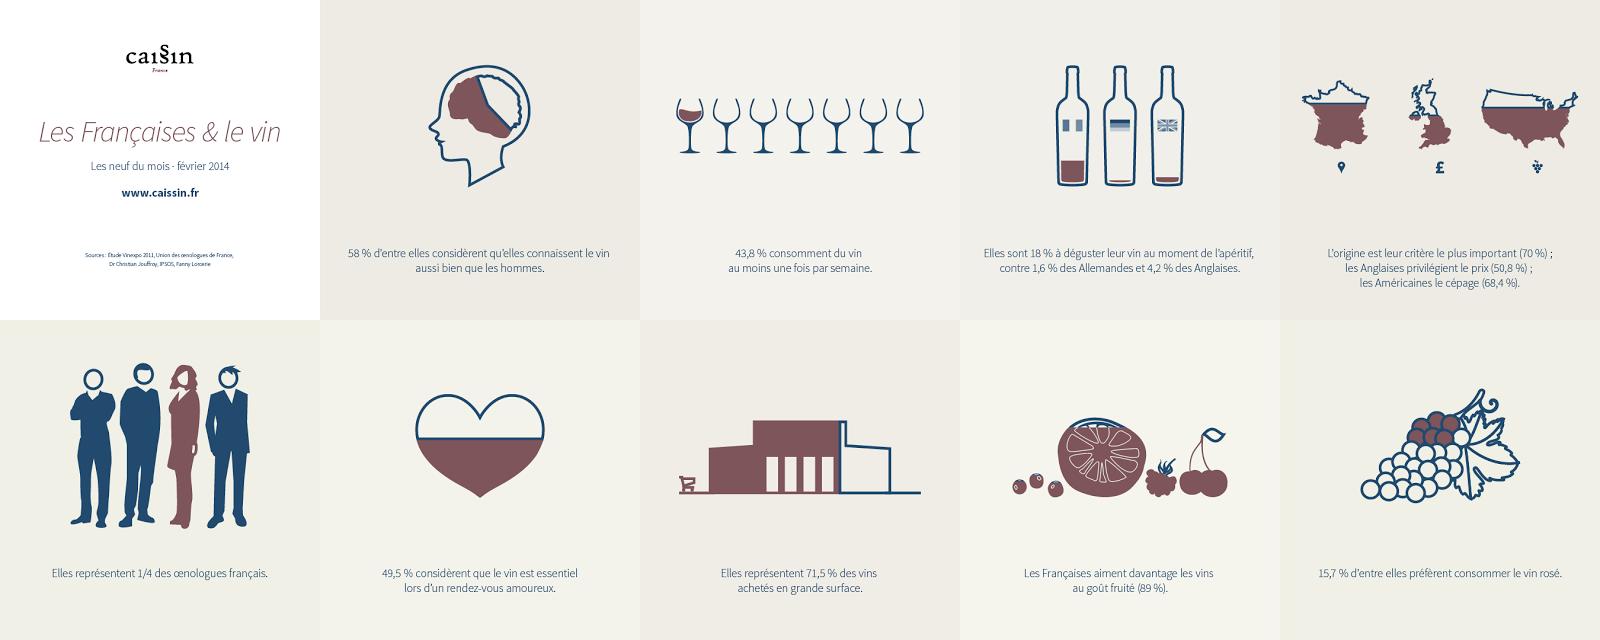 Caissin — Les Françaises et le vin